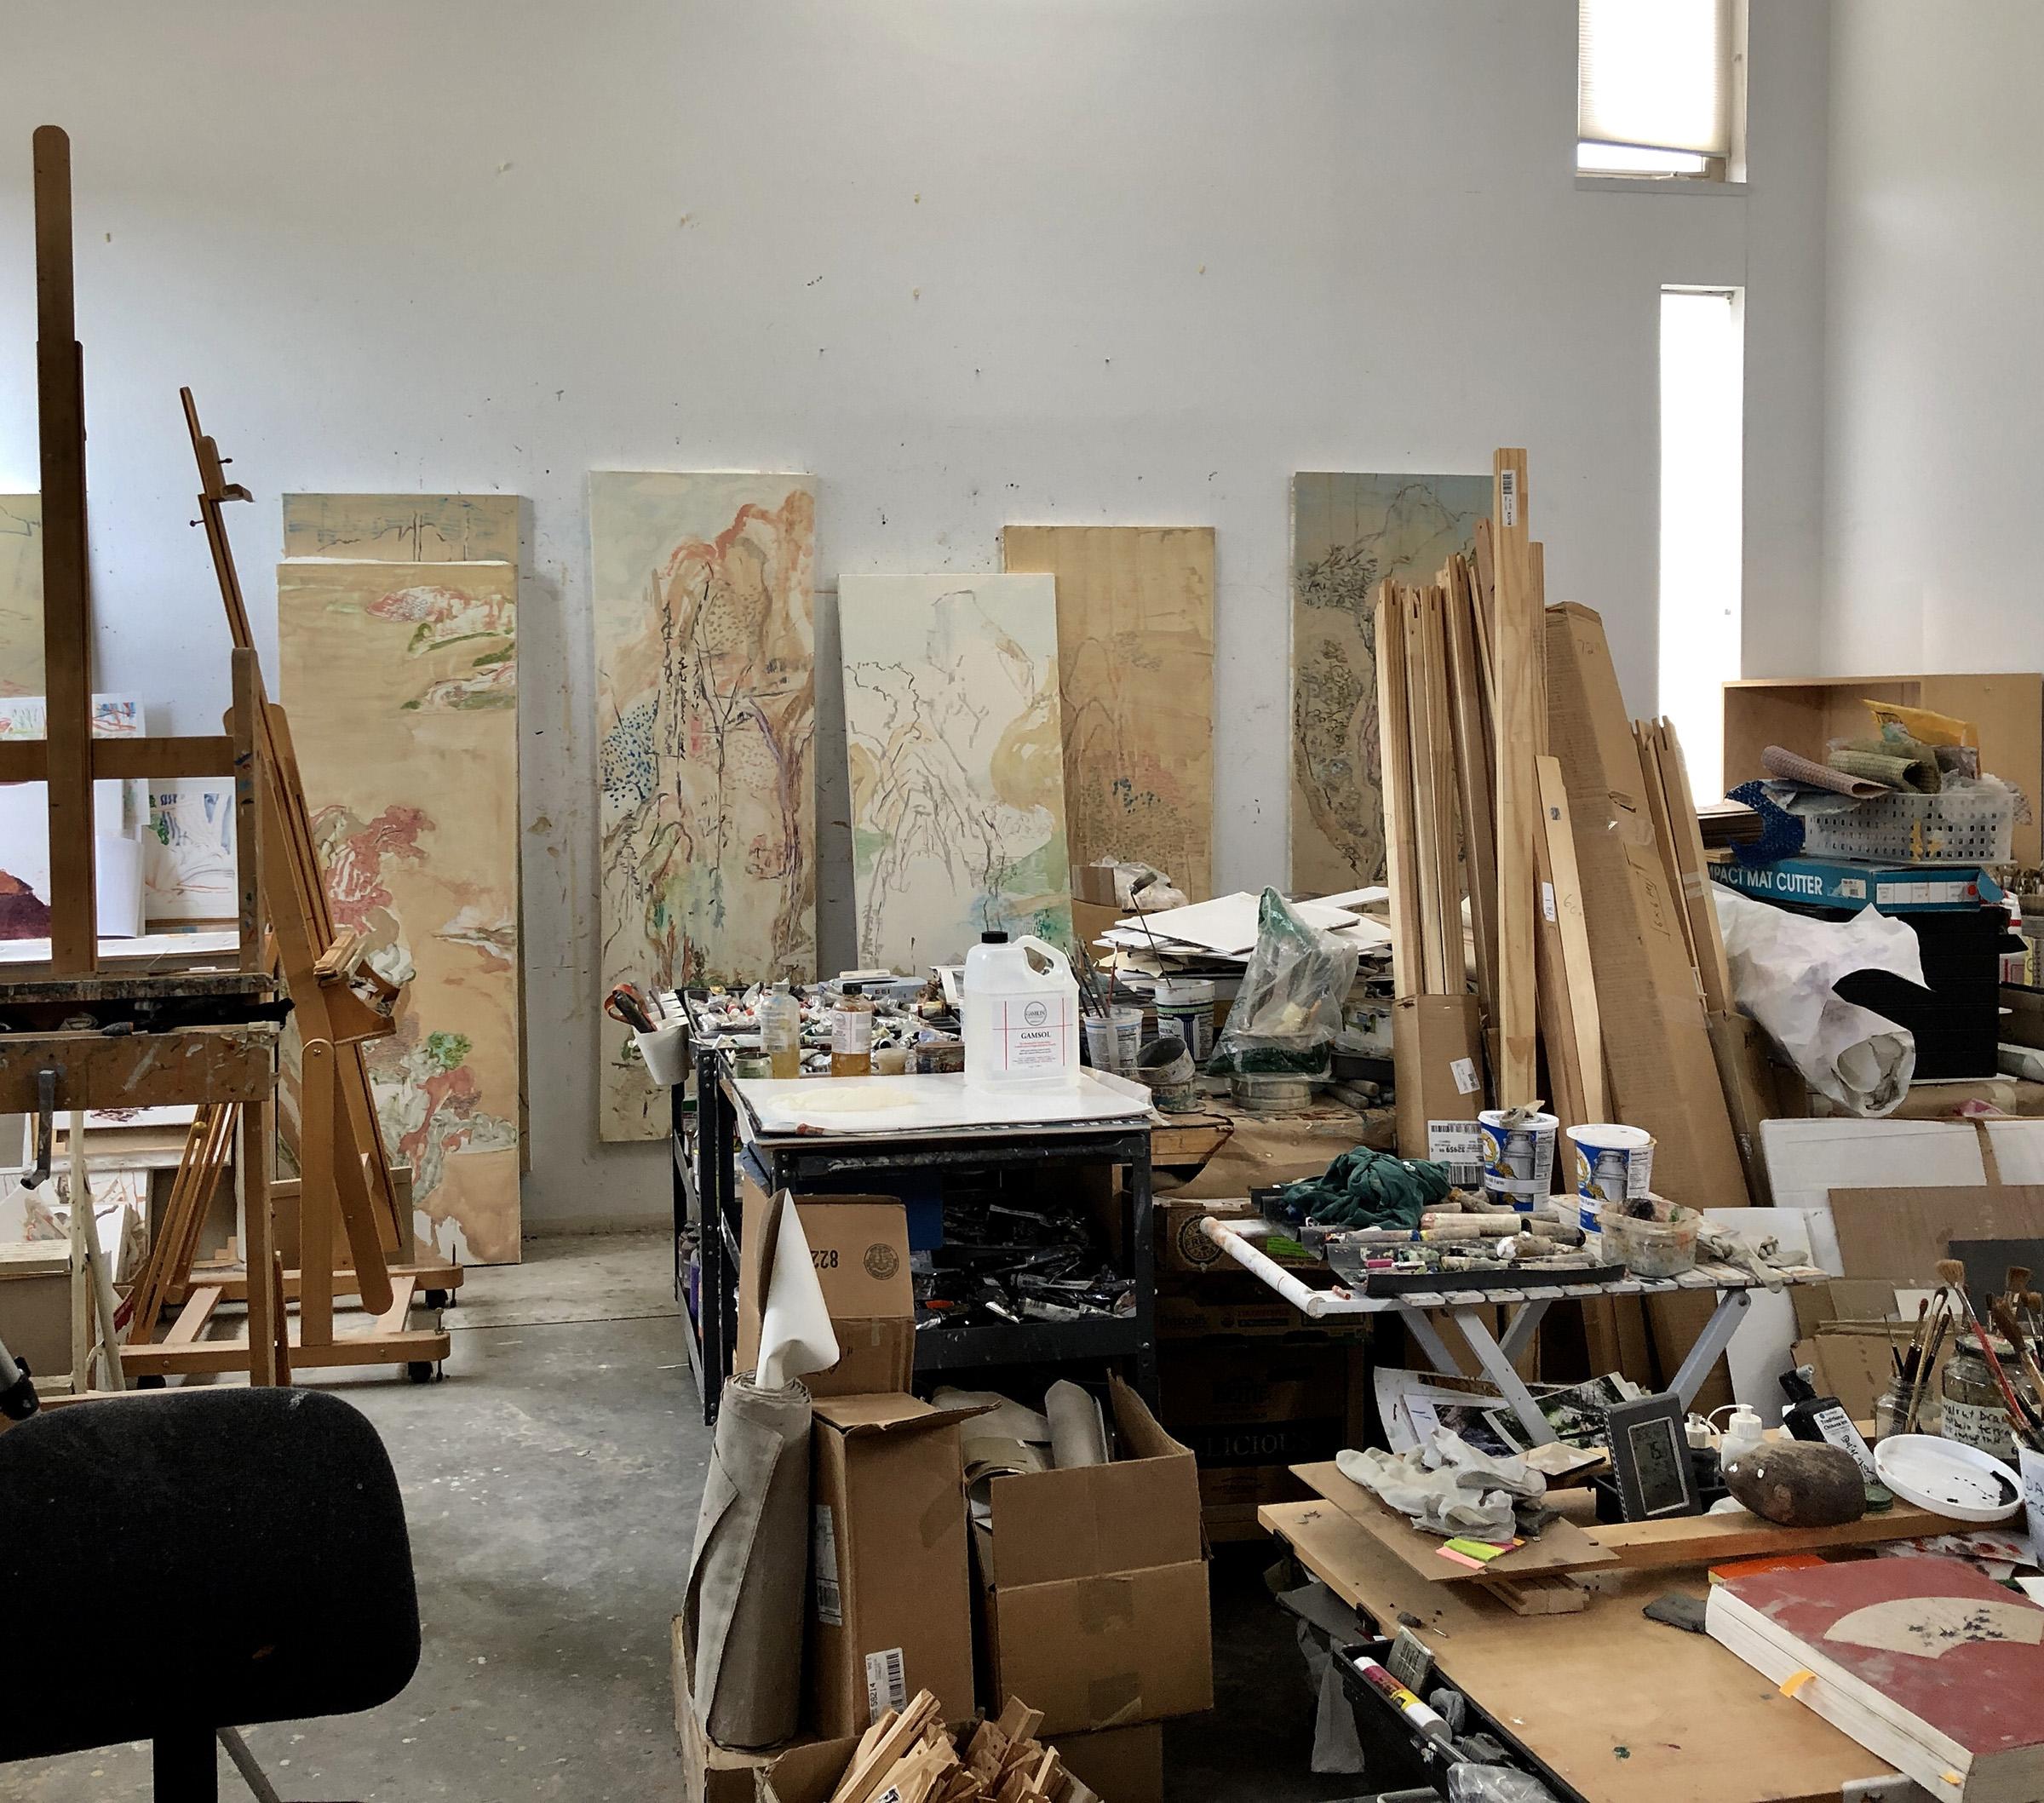 SITE-8-12-19 studio re-org 1.jpg